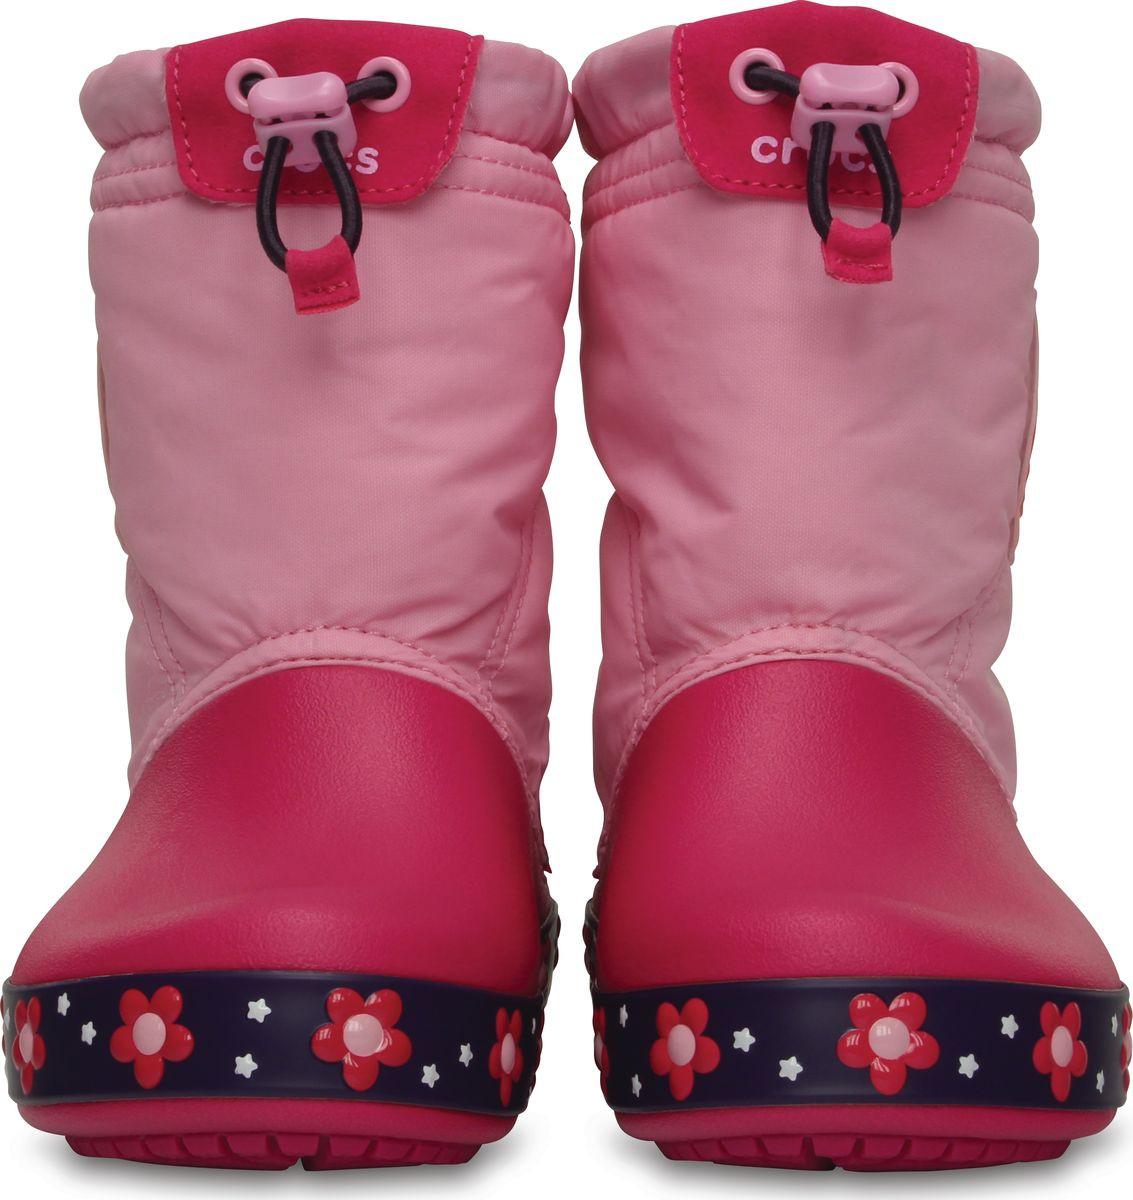 26e8c7bc6 ... Сапоги зимние для девочки Crocs Kids CrocsLights LodgePoint Night Owl  Boot / непромокаемые светящиеся Сова, ...